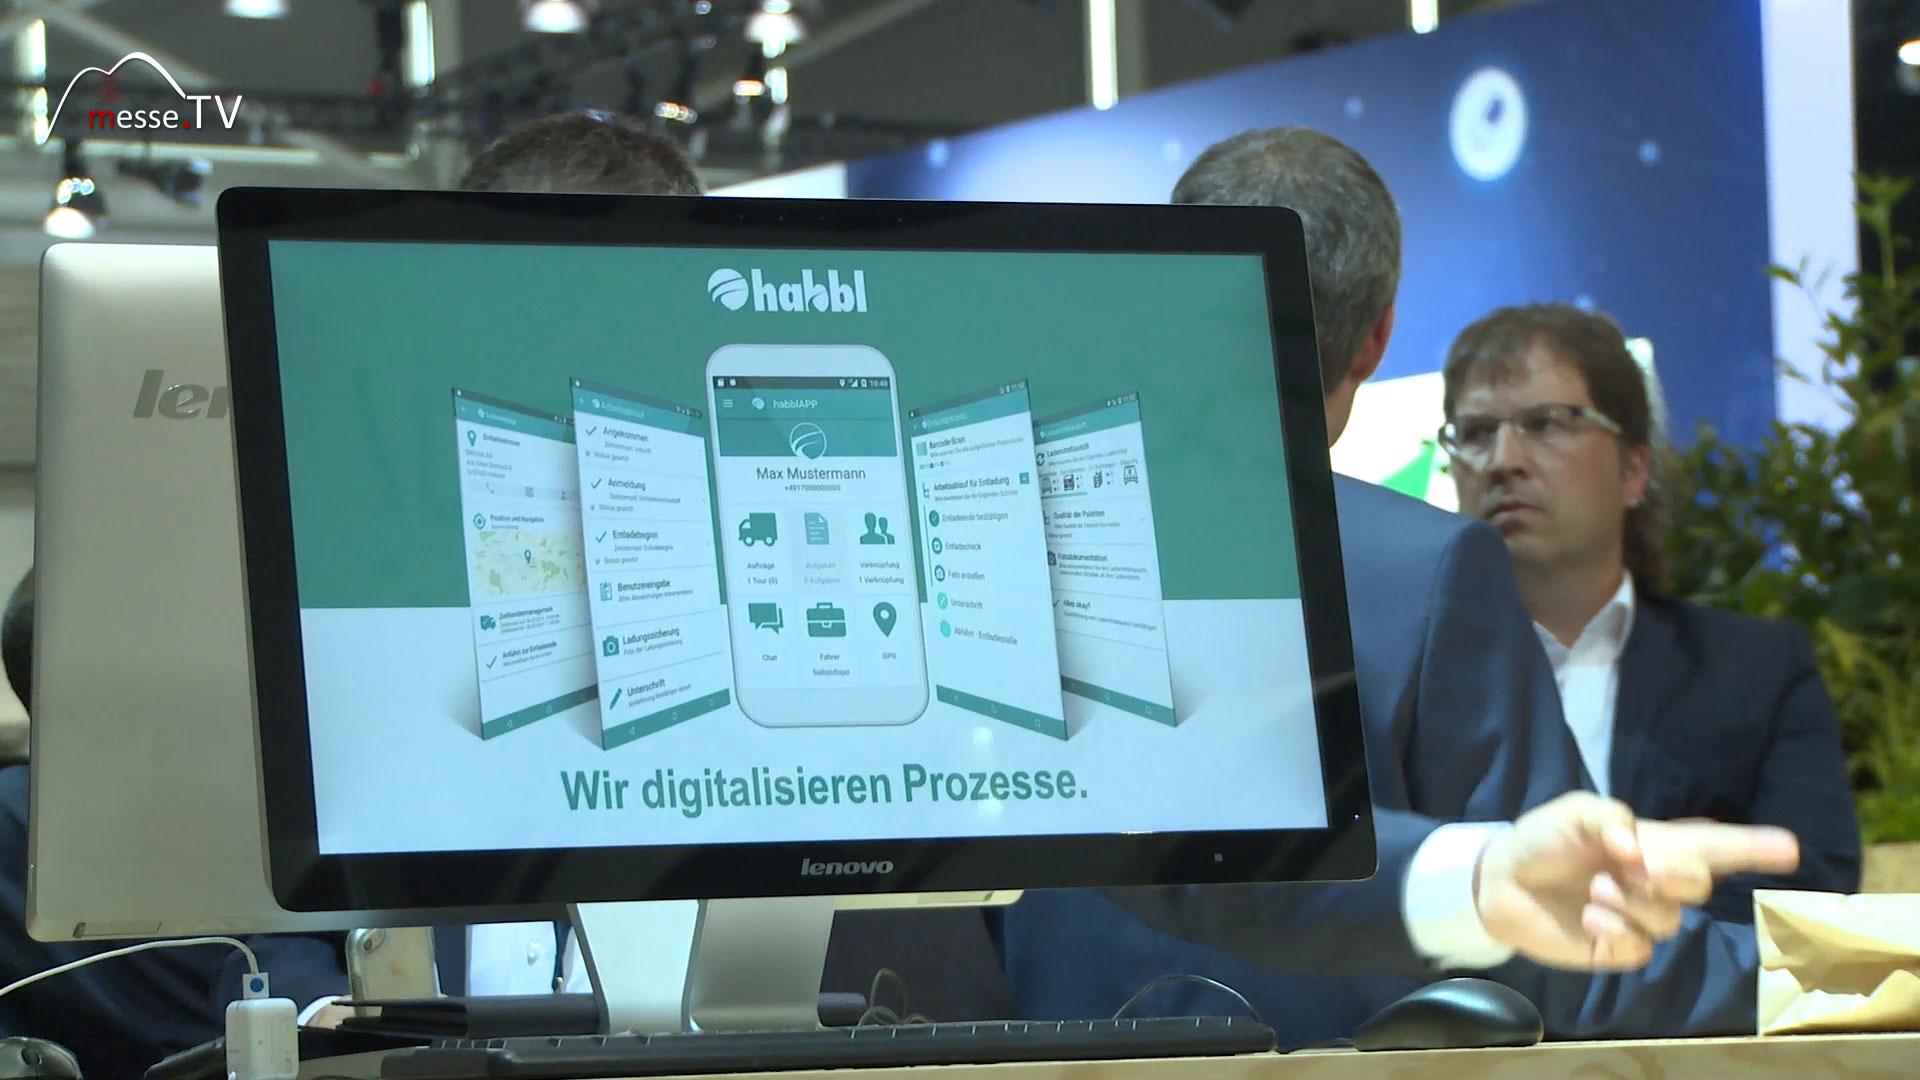 FLEETBOARD habbl App  - Prozesse digitalisieren